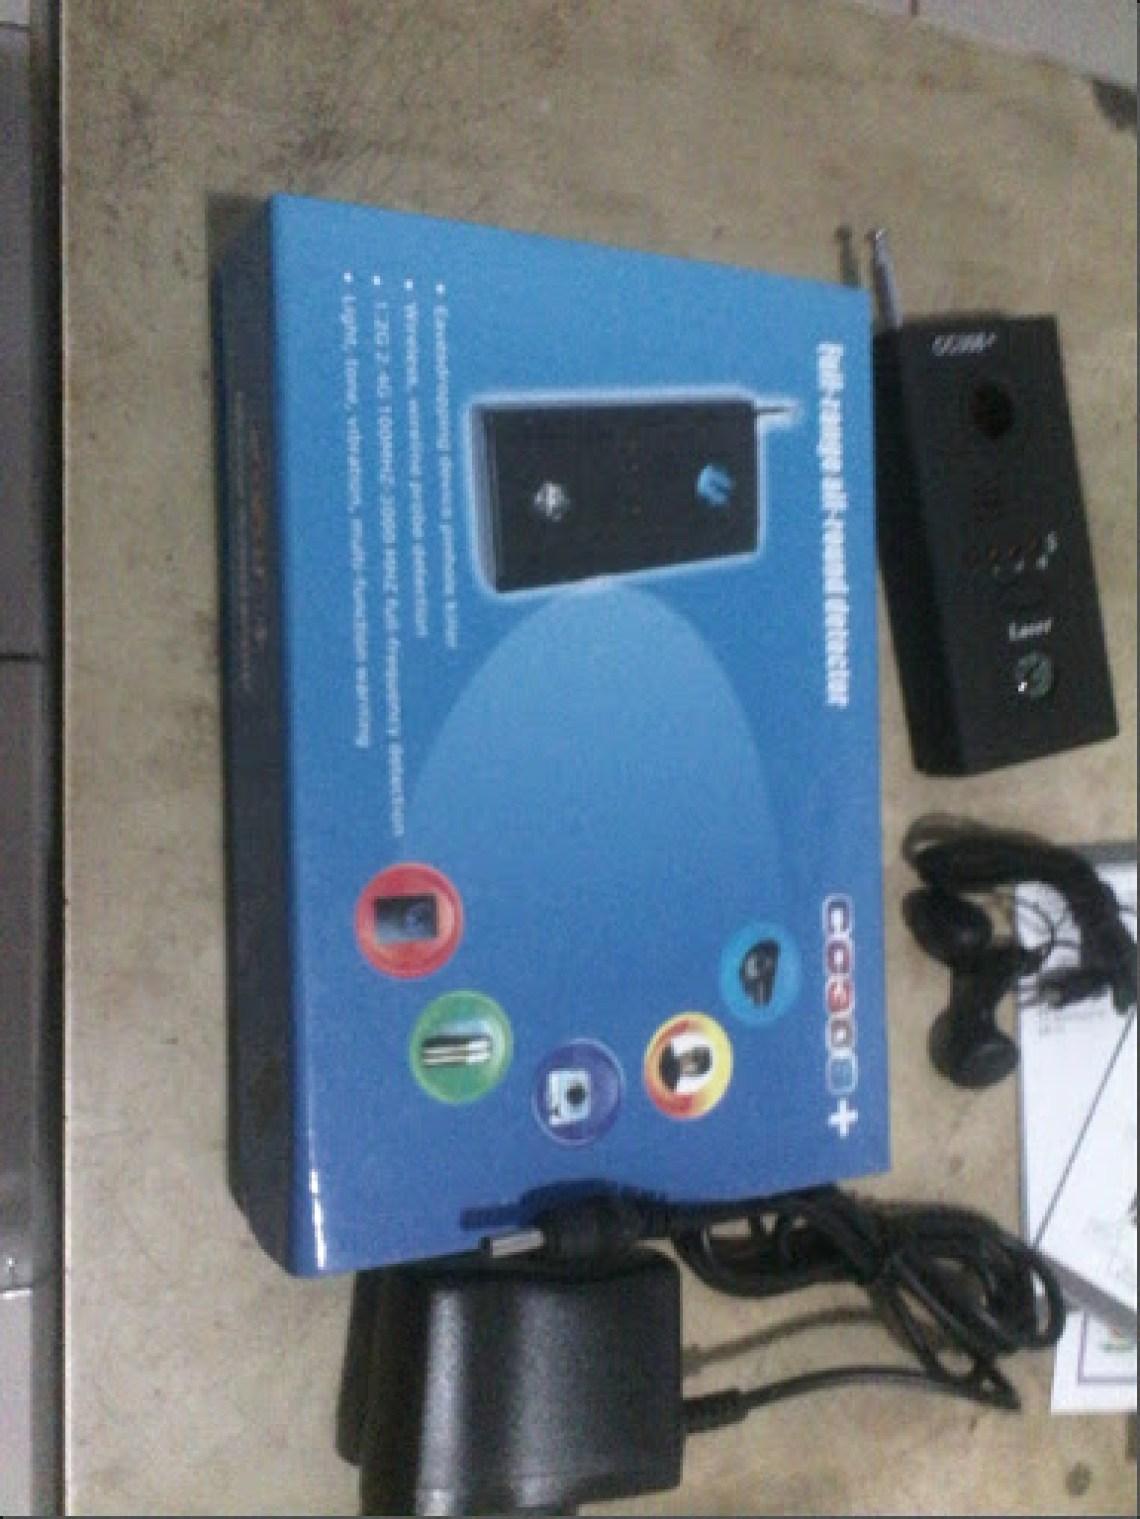 detecter sinyal wifi dan pengintai